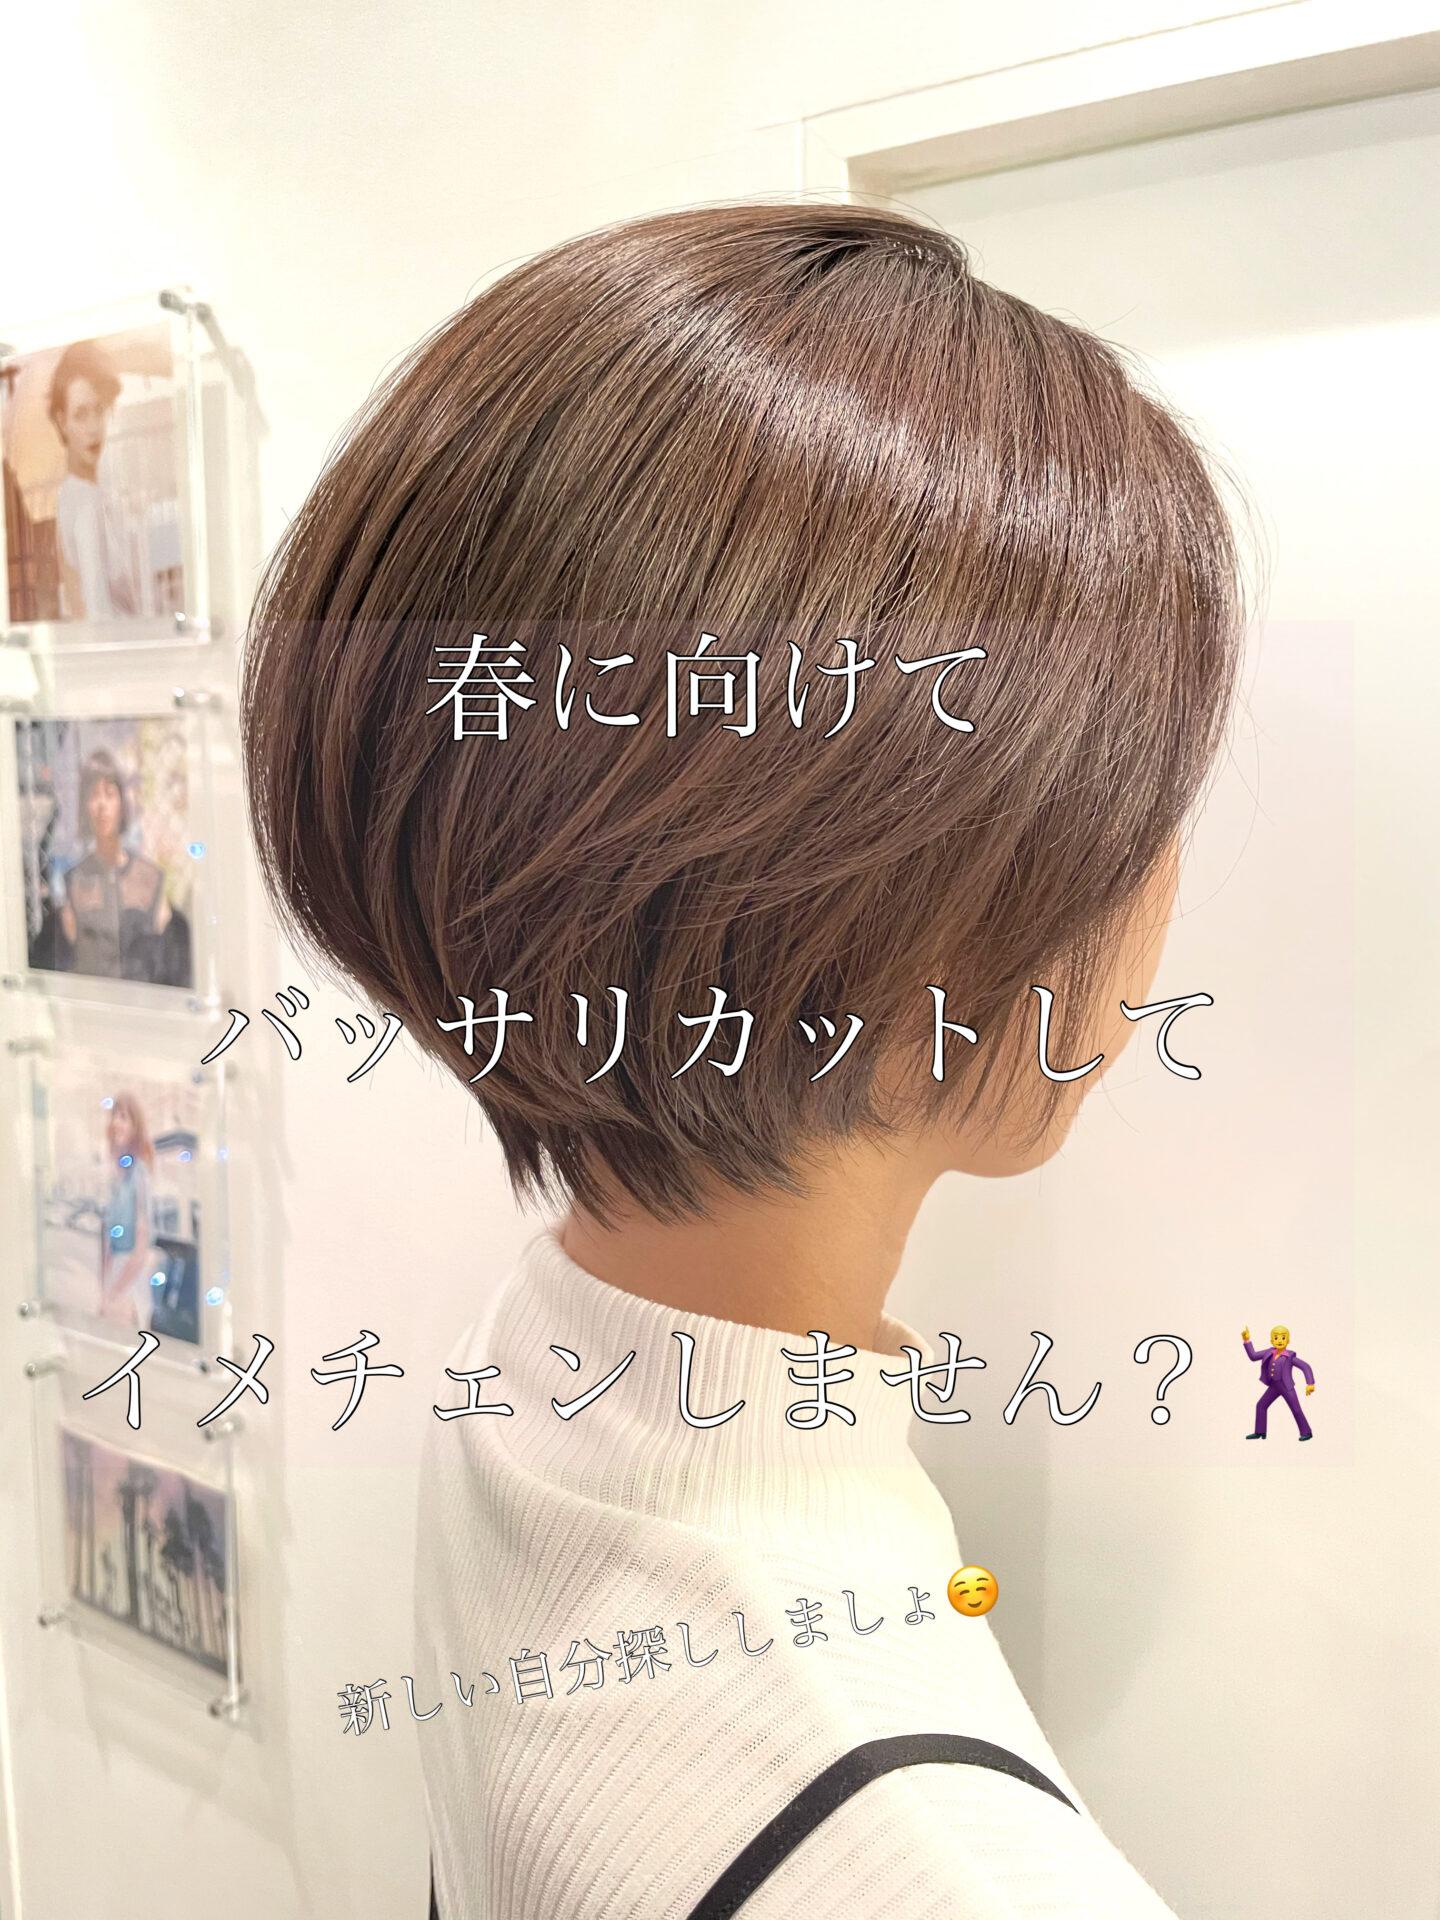 髪の毛も華を咲かせましょう♪